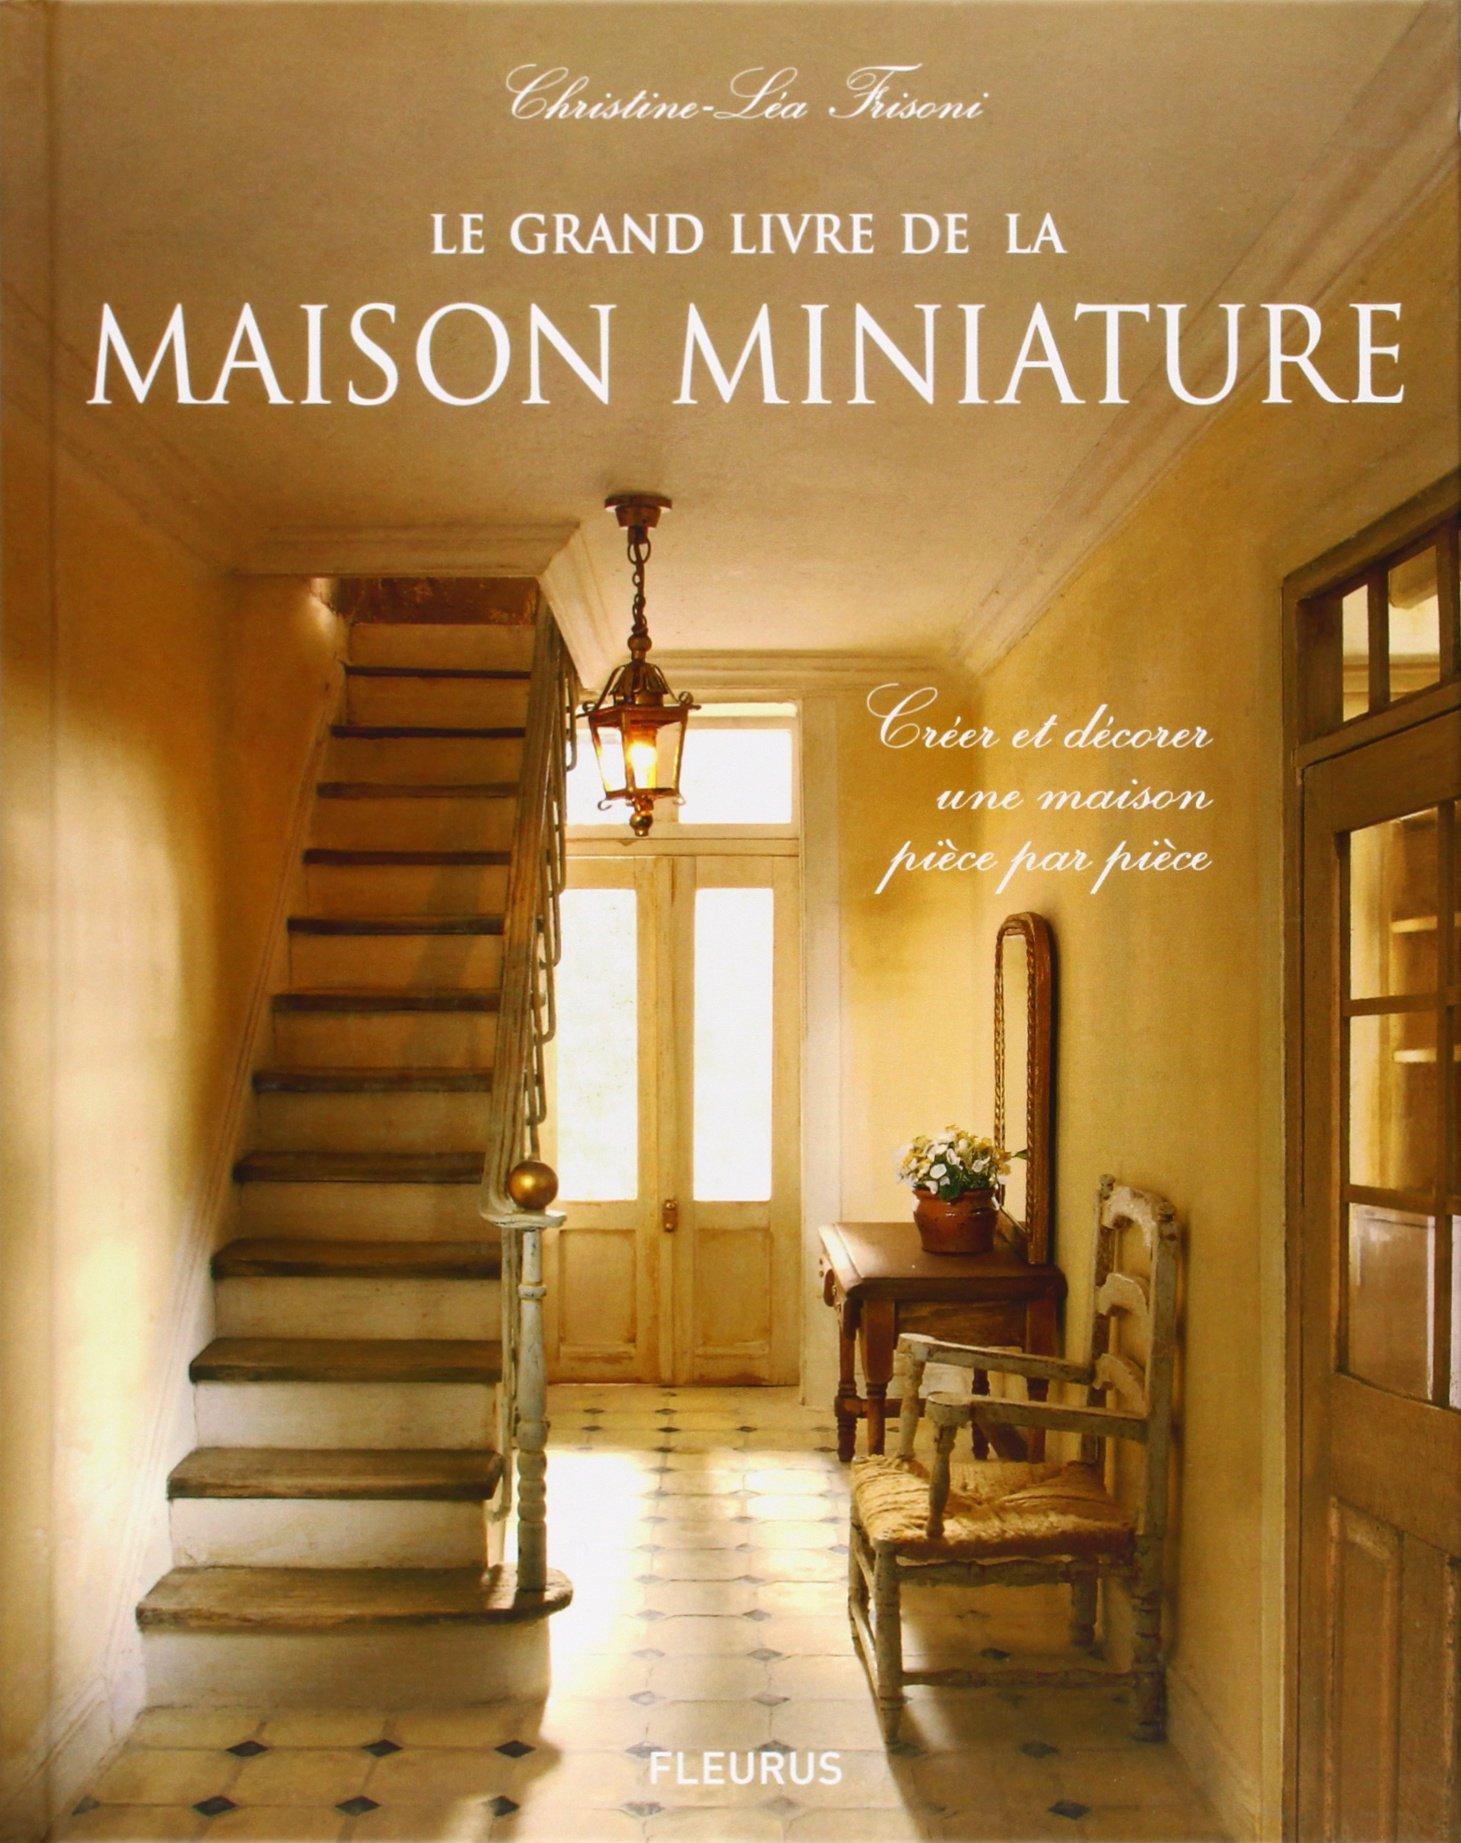 Le grand livre de la maison miniature french hardcover 2008